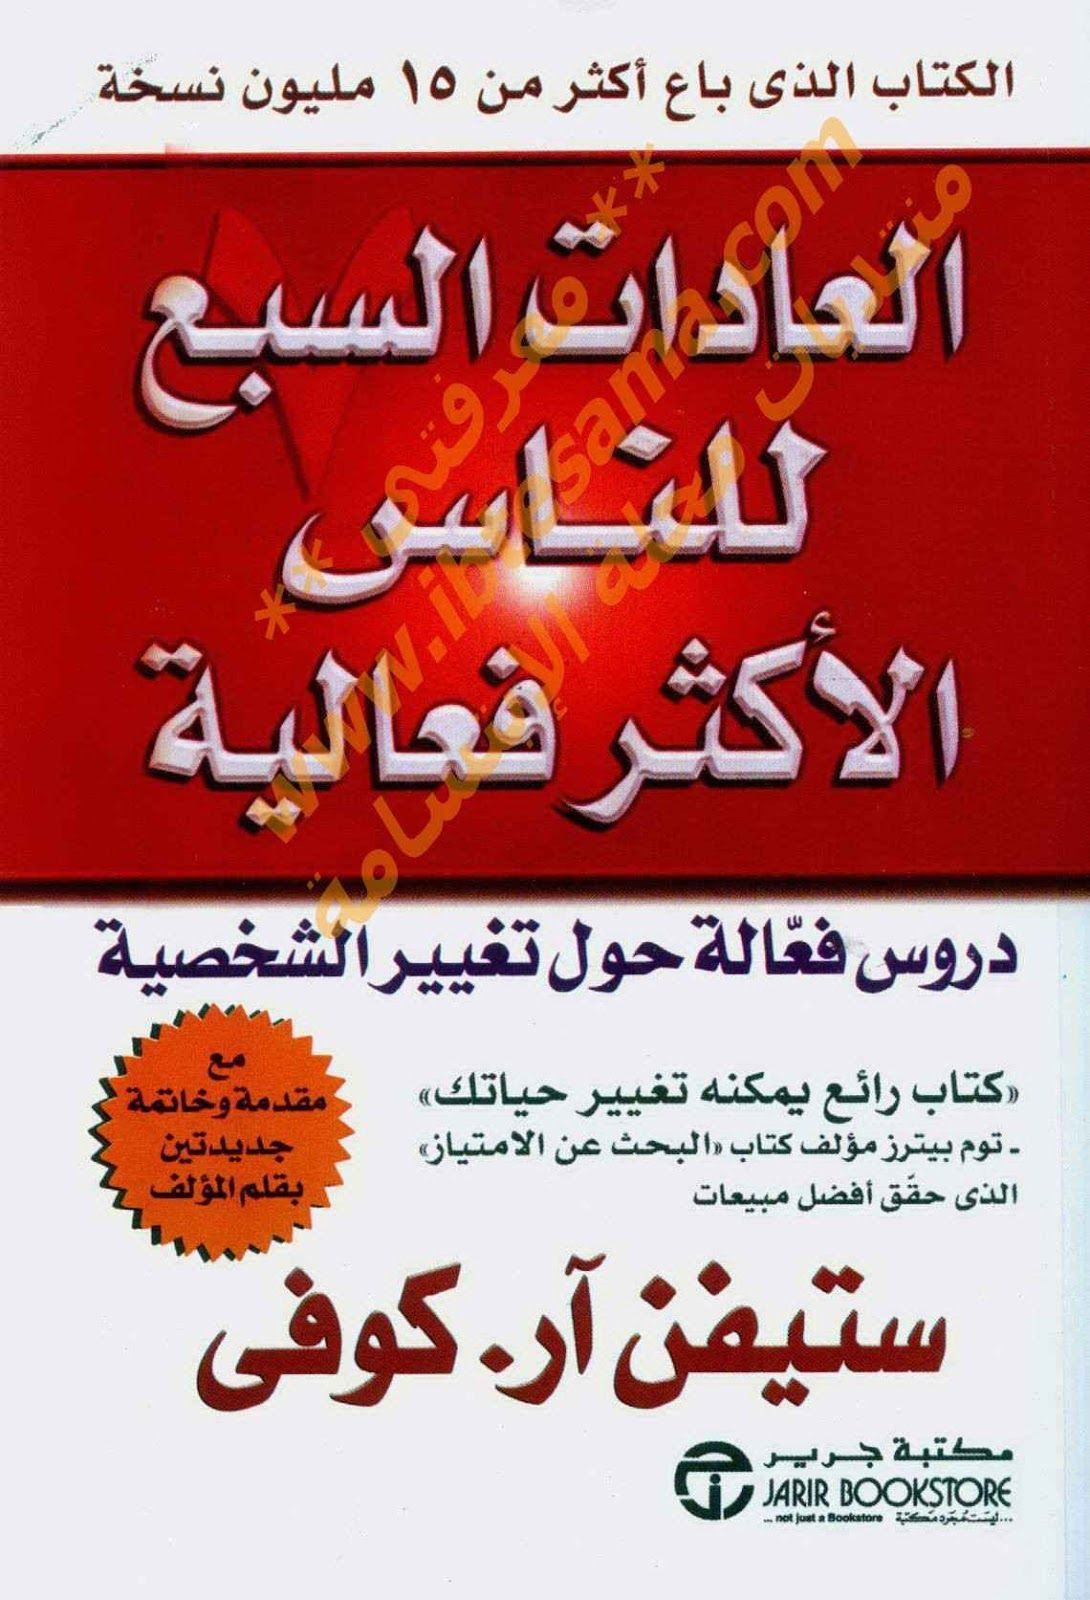 العادات السبع للناس الأكثر فعالية Ebooks Free Books Free Books To Read Pdf Books Reading